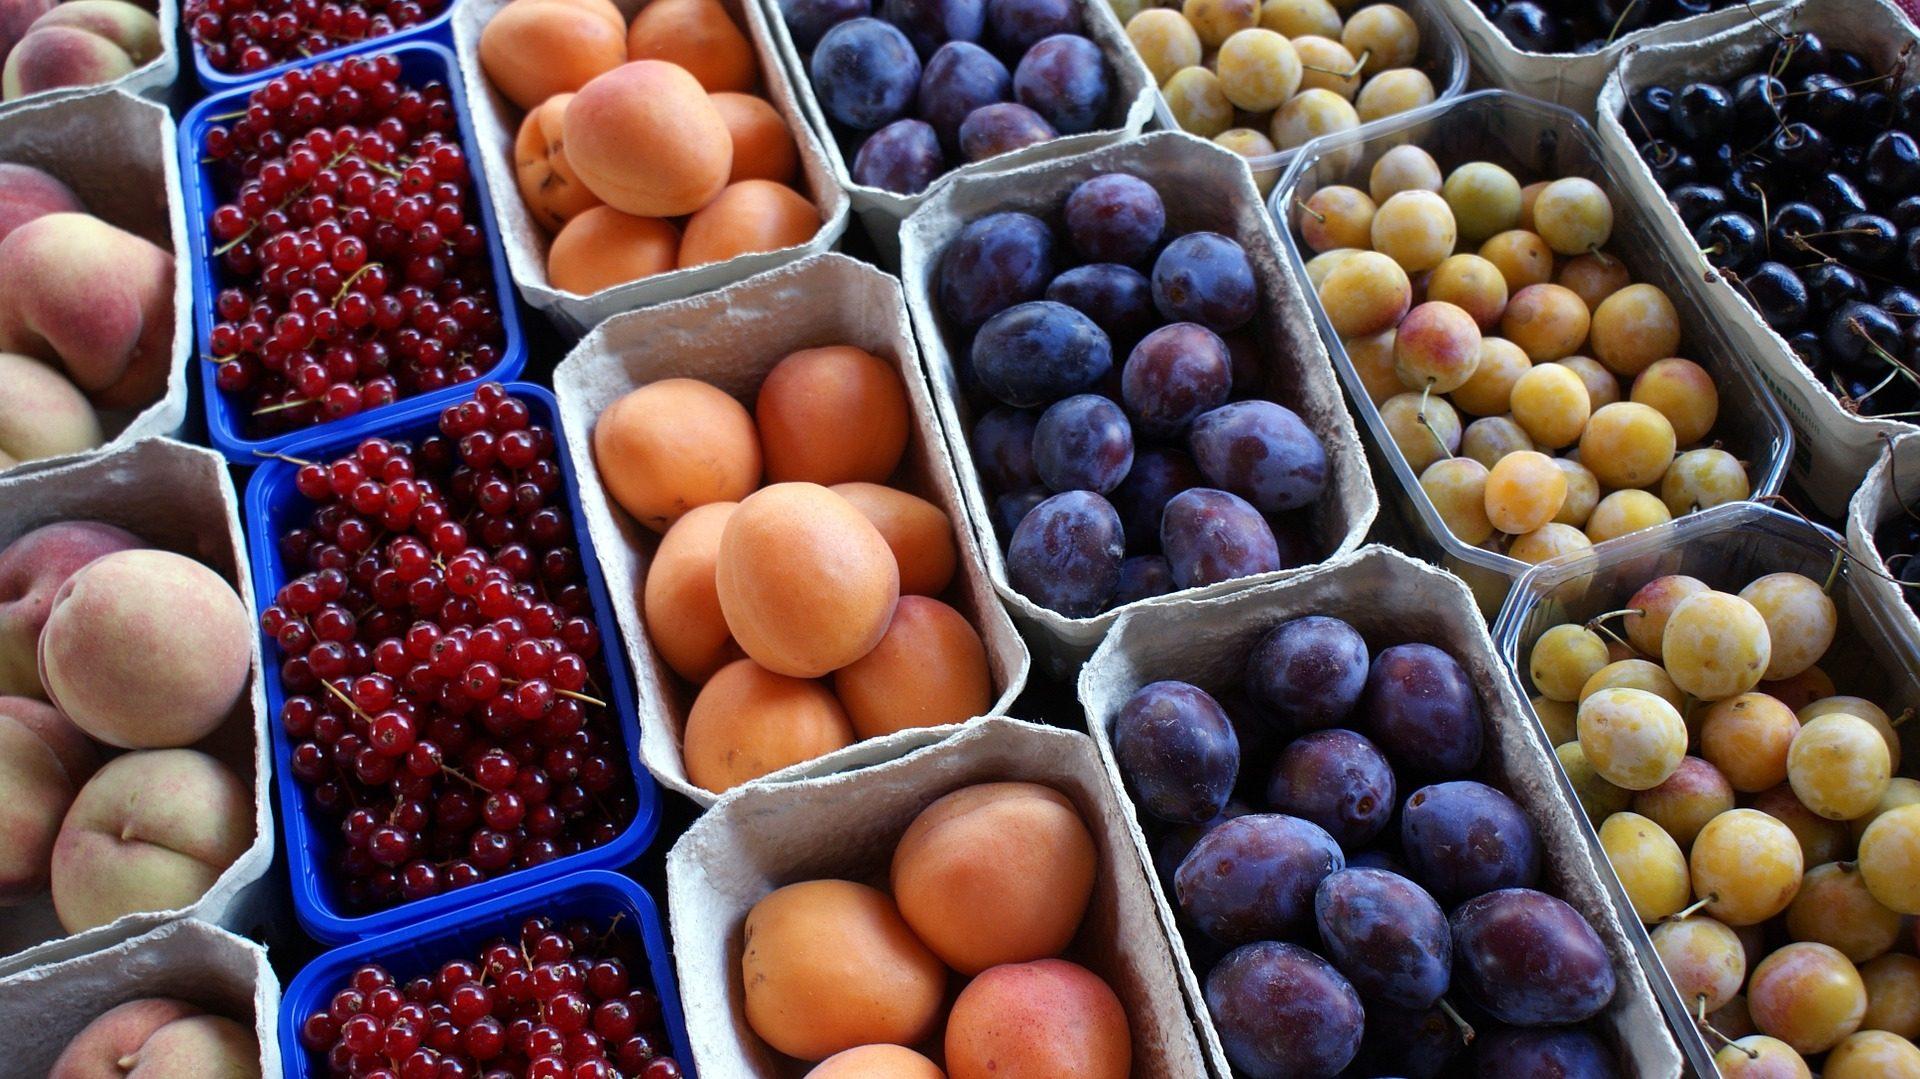 frutas, bandejas, colorido, diversidade, saudável, dieta - Papéis de parede HD - Professor-falken.com